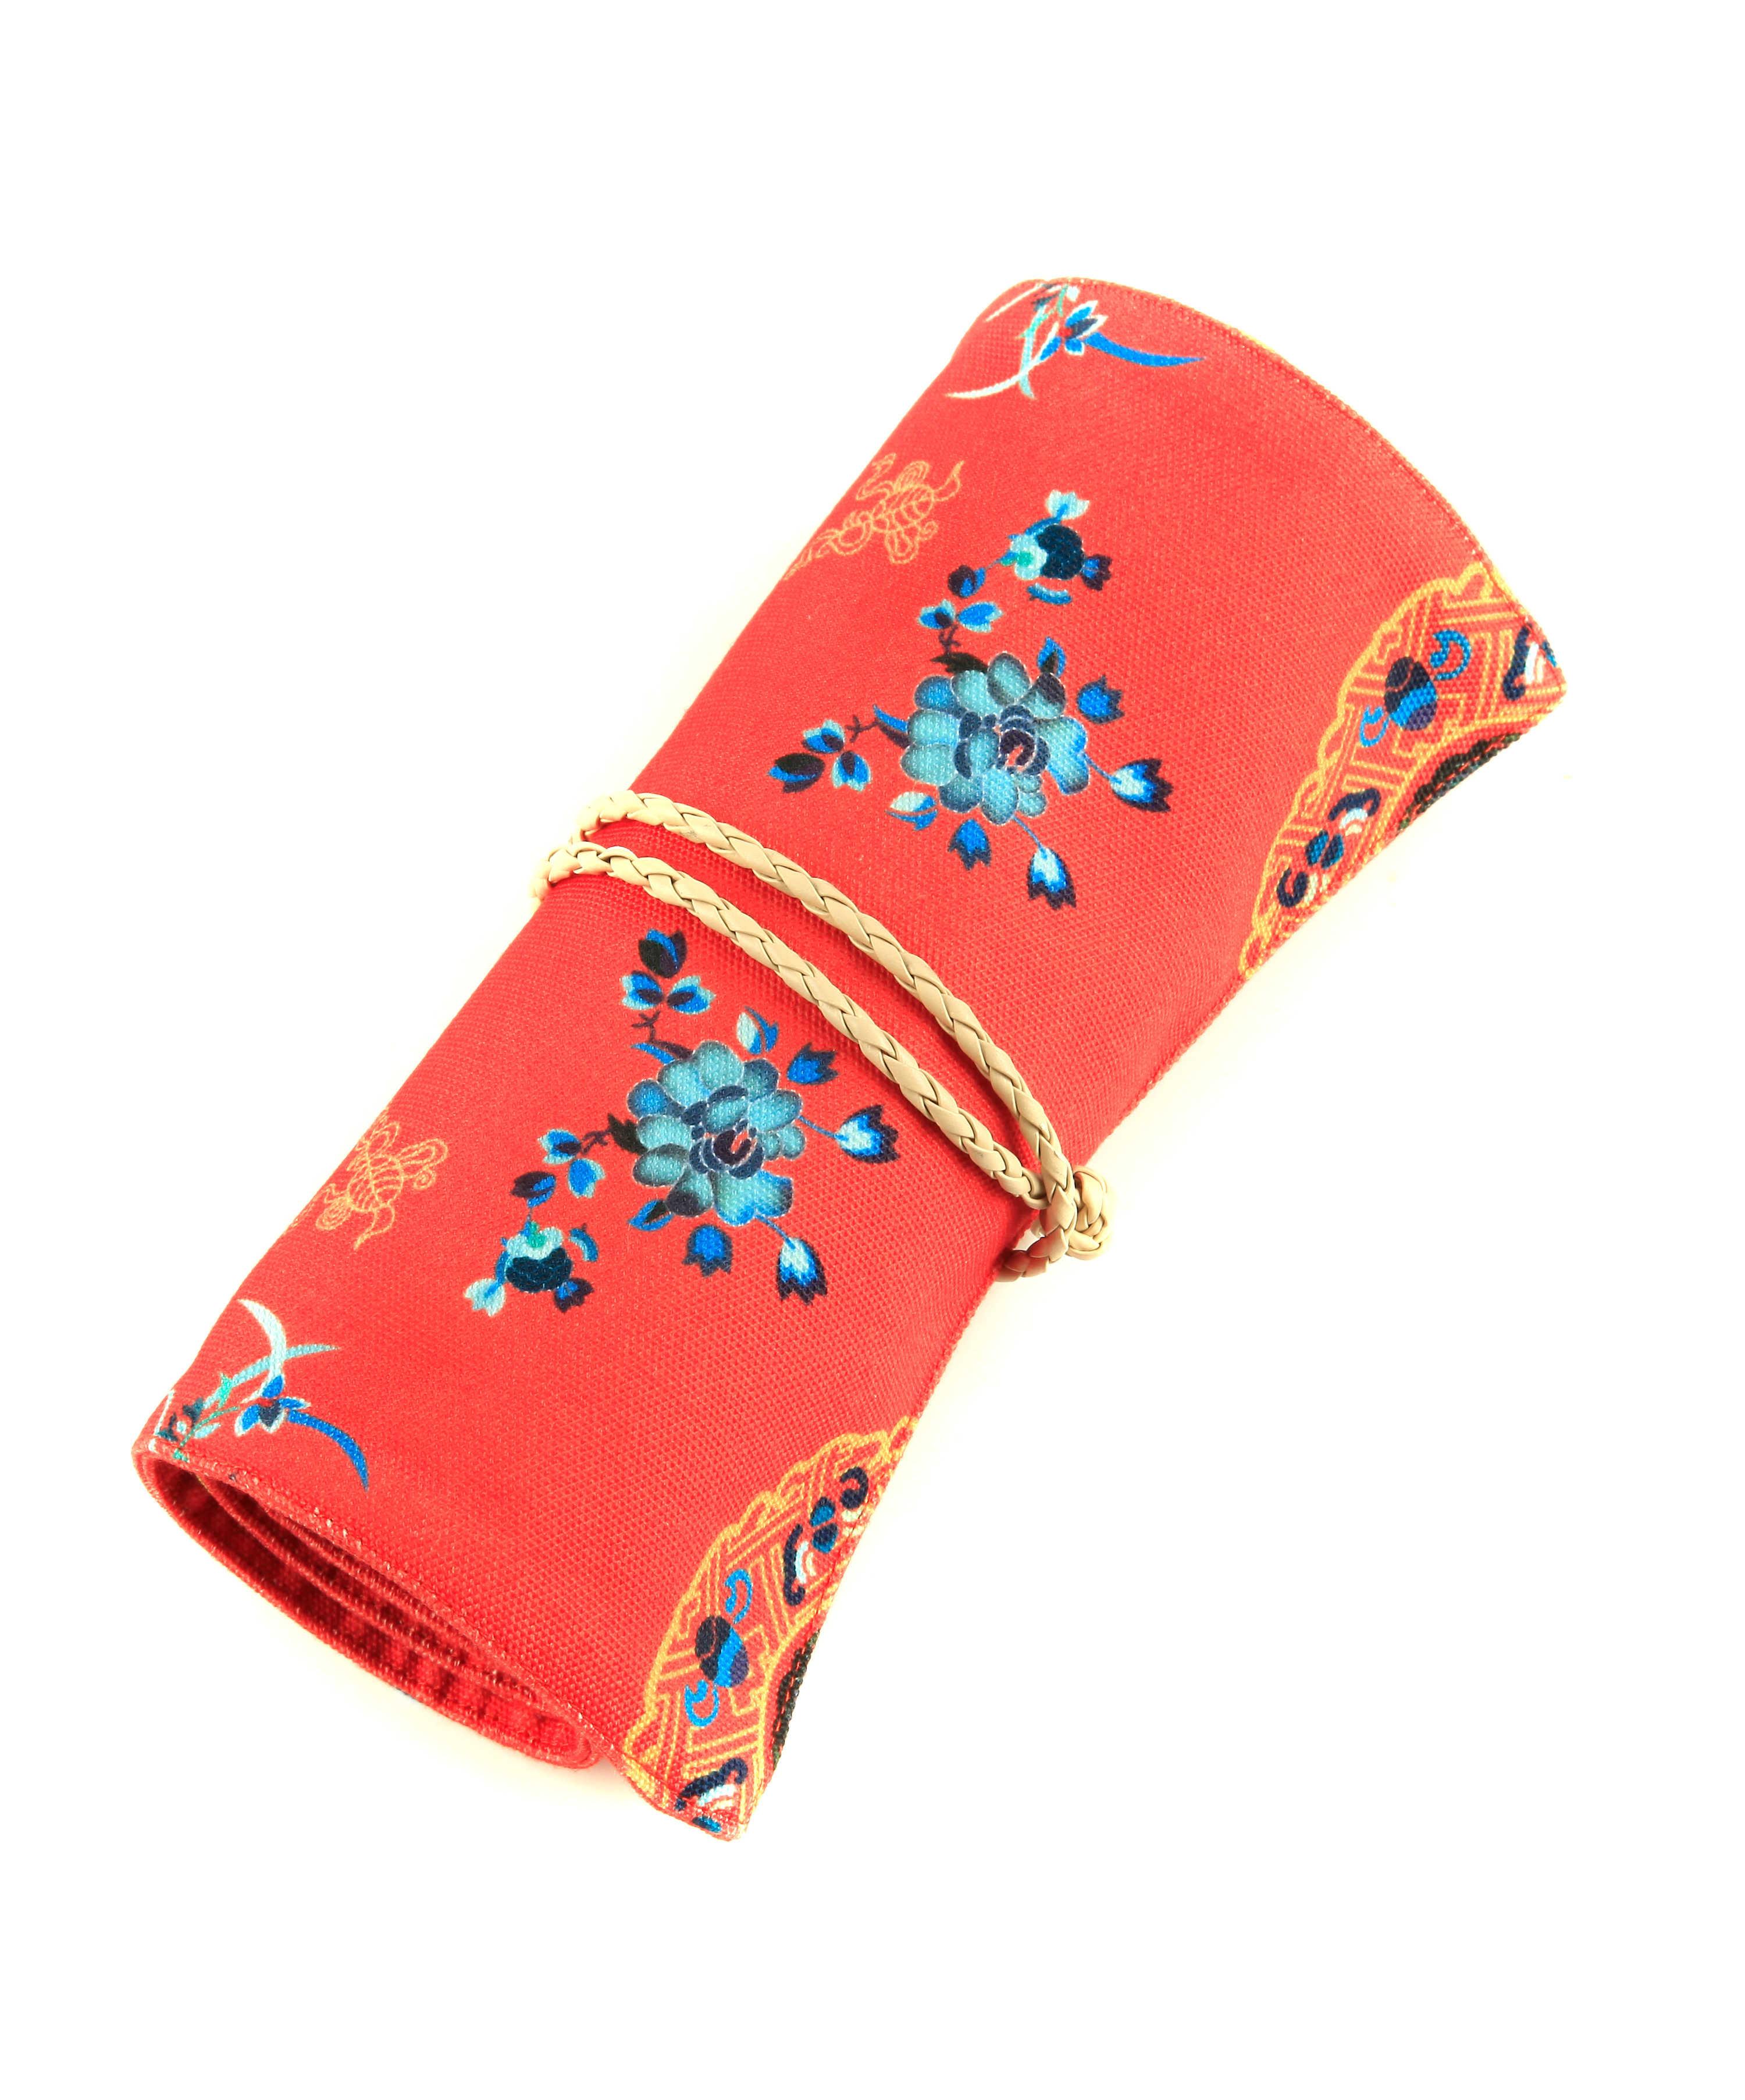 故宫宫廷文化|玩闹智造 布艺卷笔袋